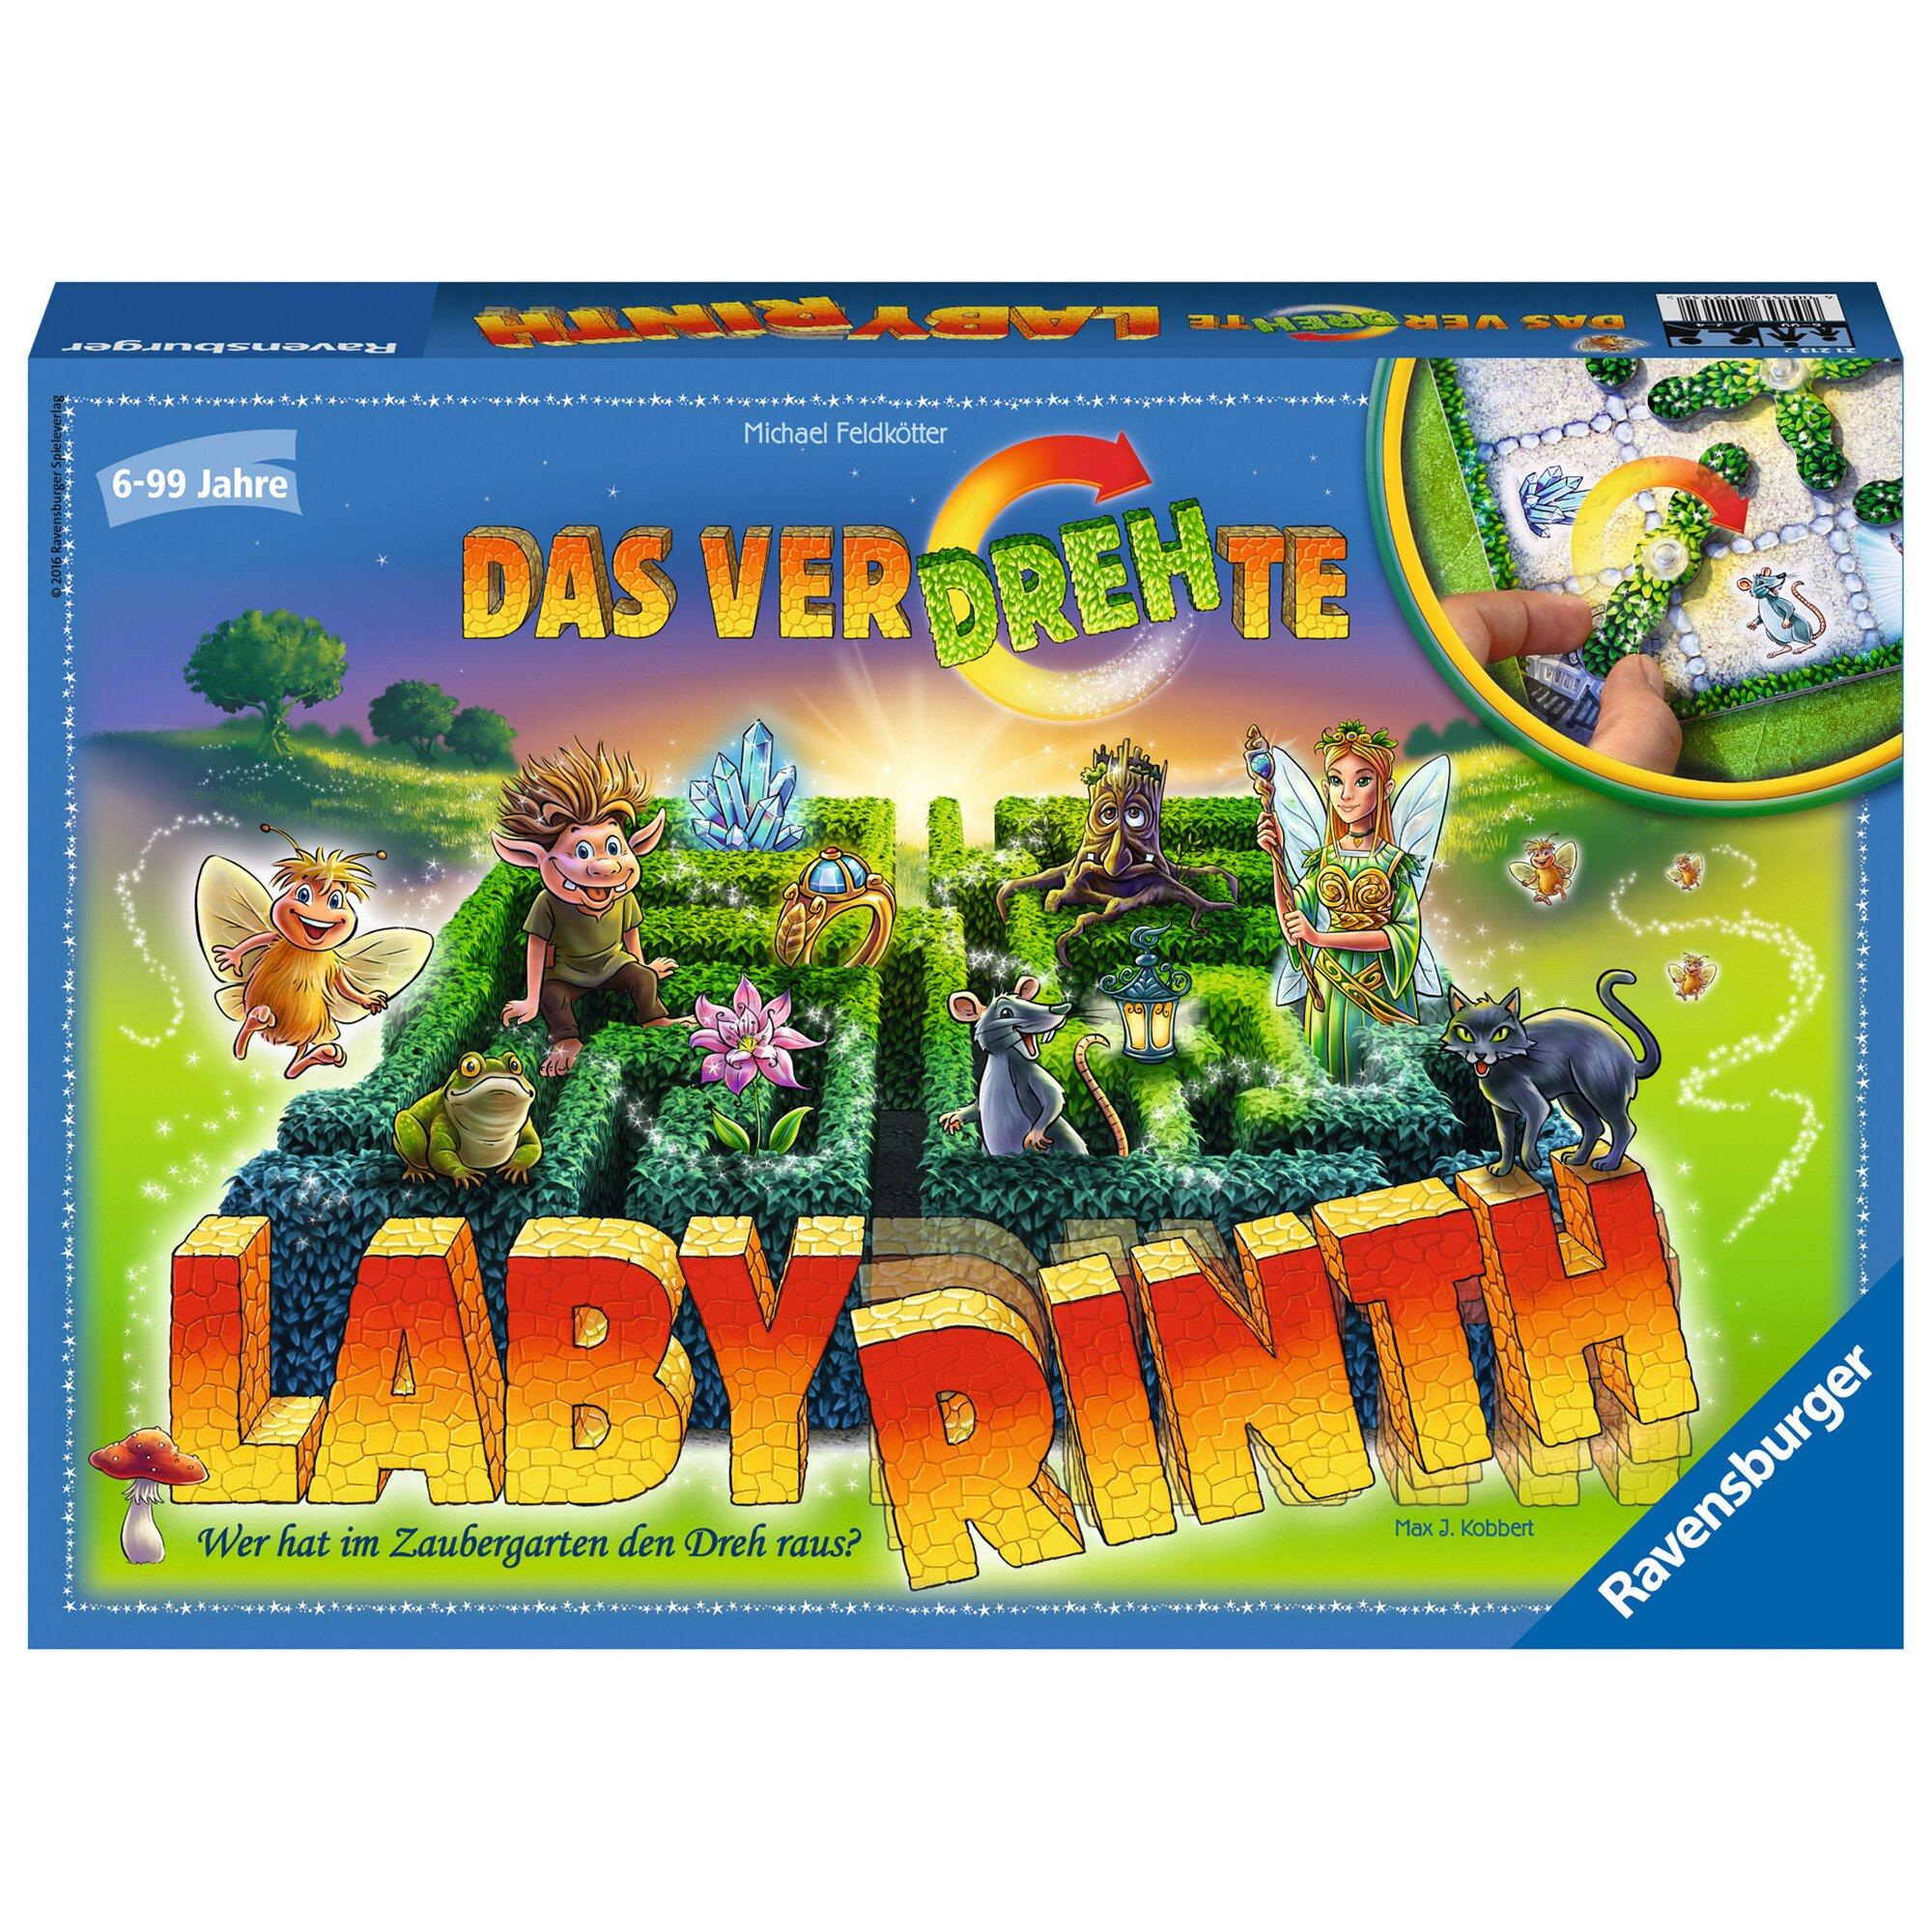 Ravensburger Das verdrehte Labyrinth, Taktisches Laufspiel